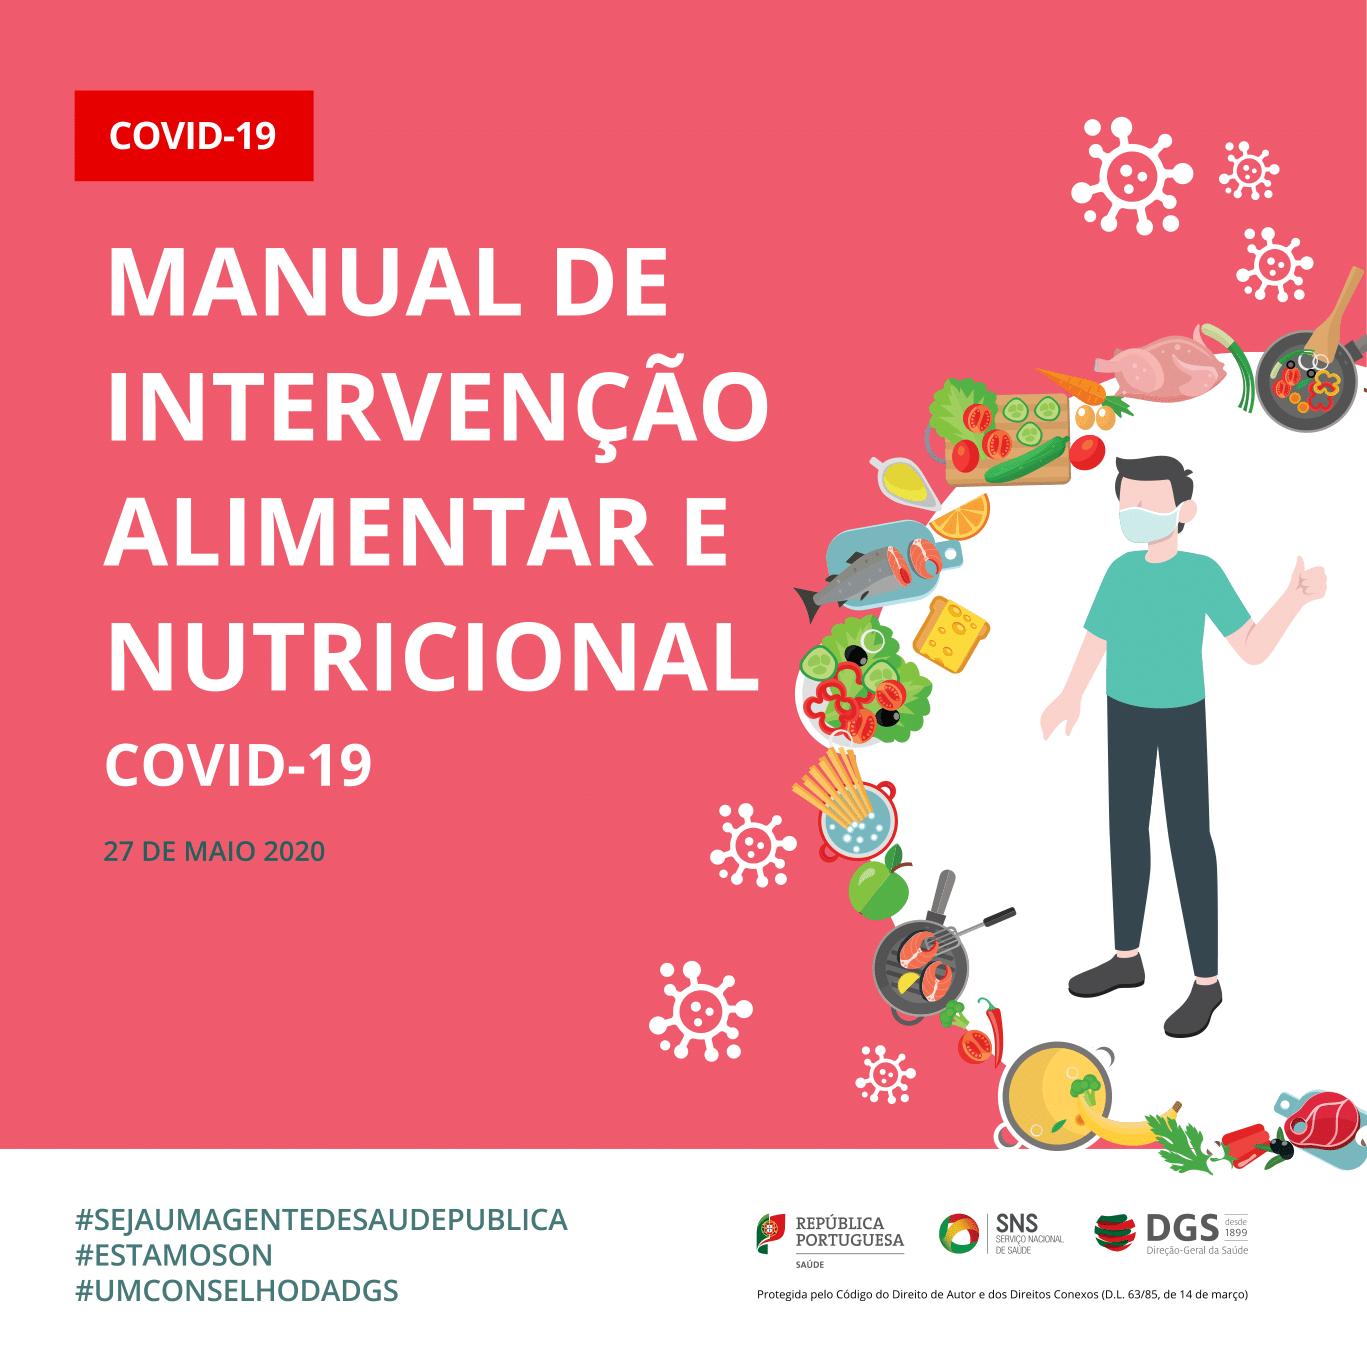 Manual de intervenção Alimentar e nutricional covid-19